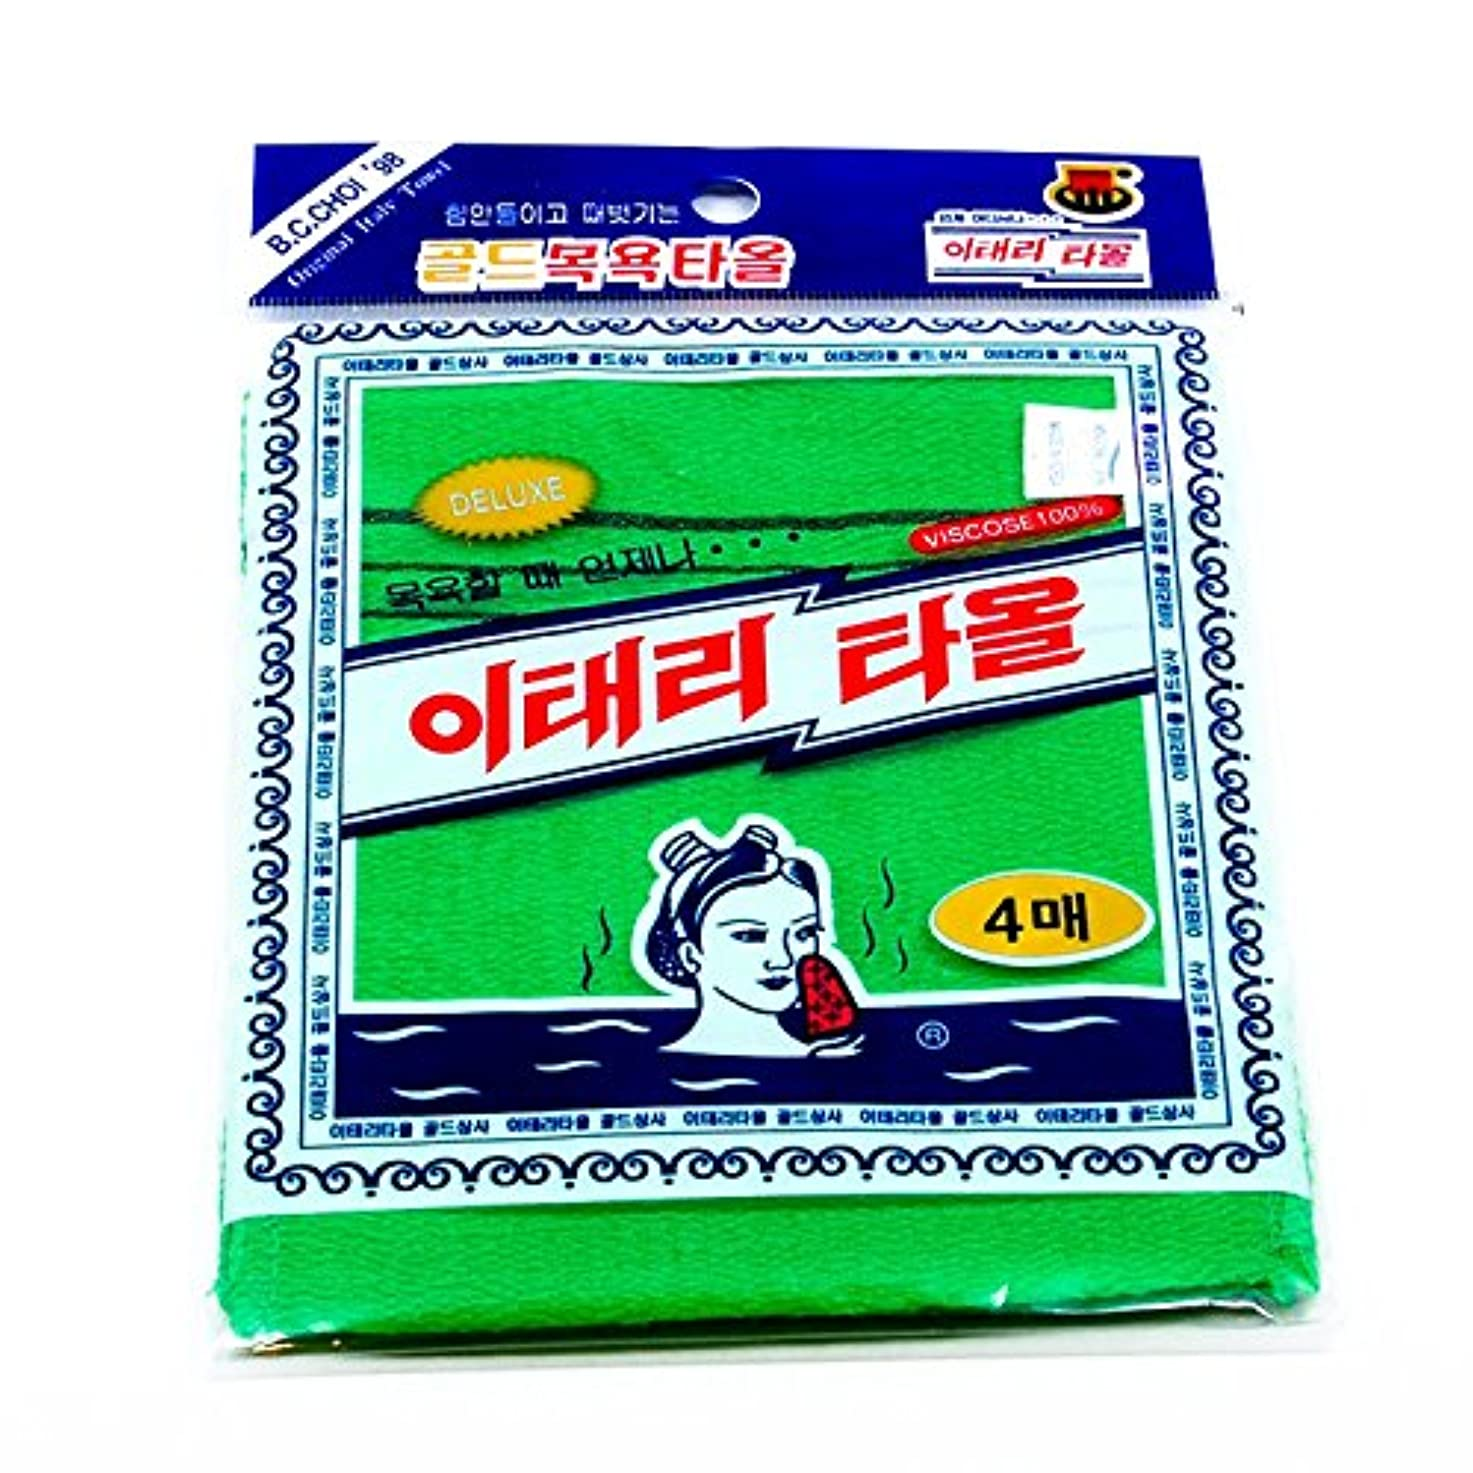 パーセント創造矛盾する韓国式 あかすり タオル/Korean Exfoliating Bath Shower Towel/Body Scrubs - Made in Korea (Green) - 4Pcs [並行輸入品]